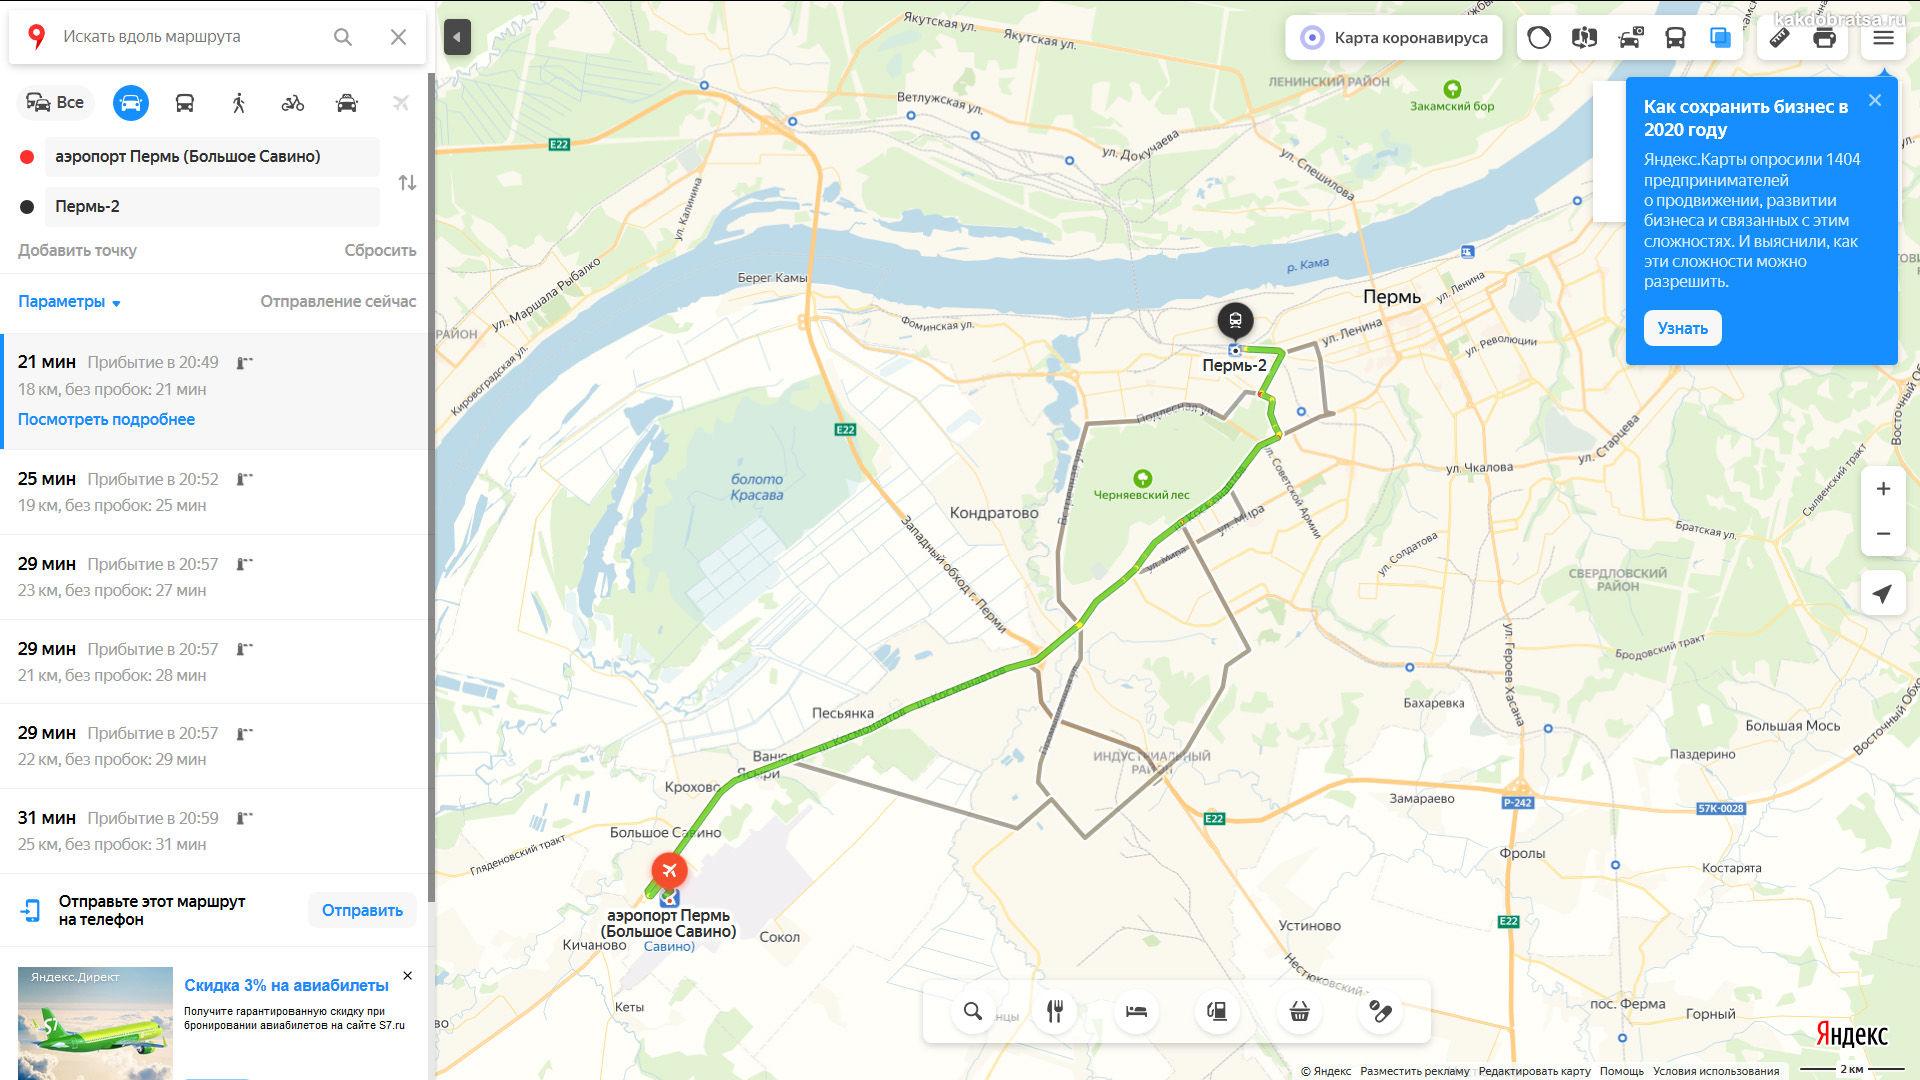 Расположение аэропорта Перми и отметка на карте